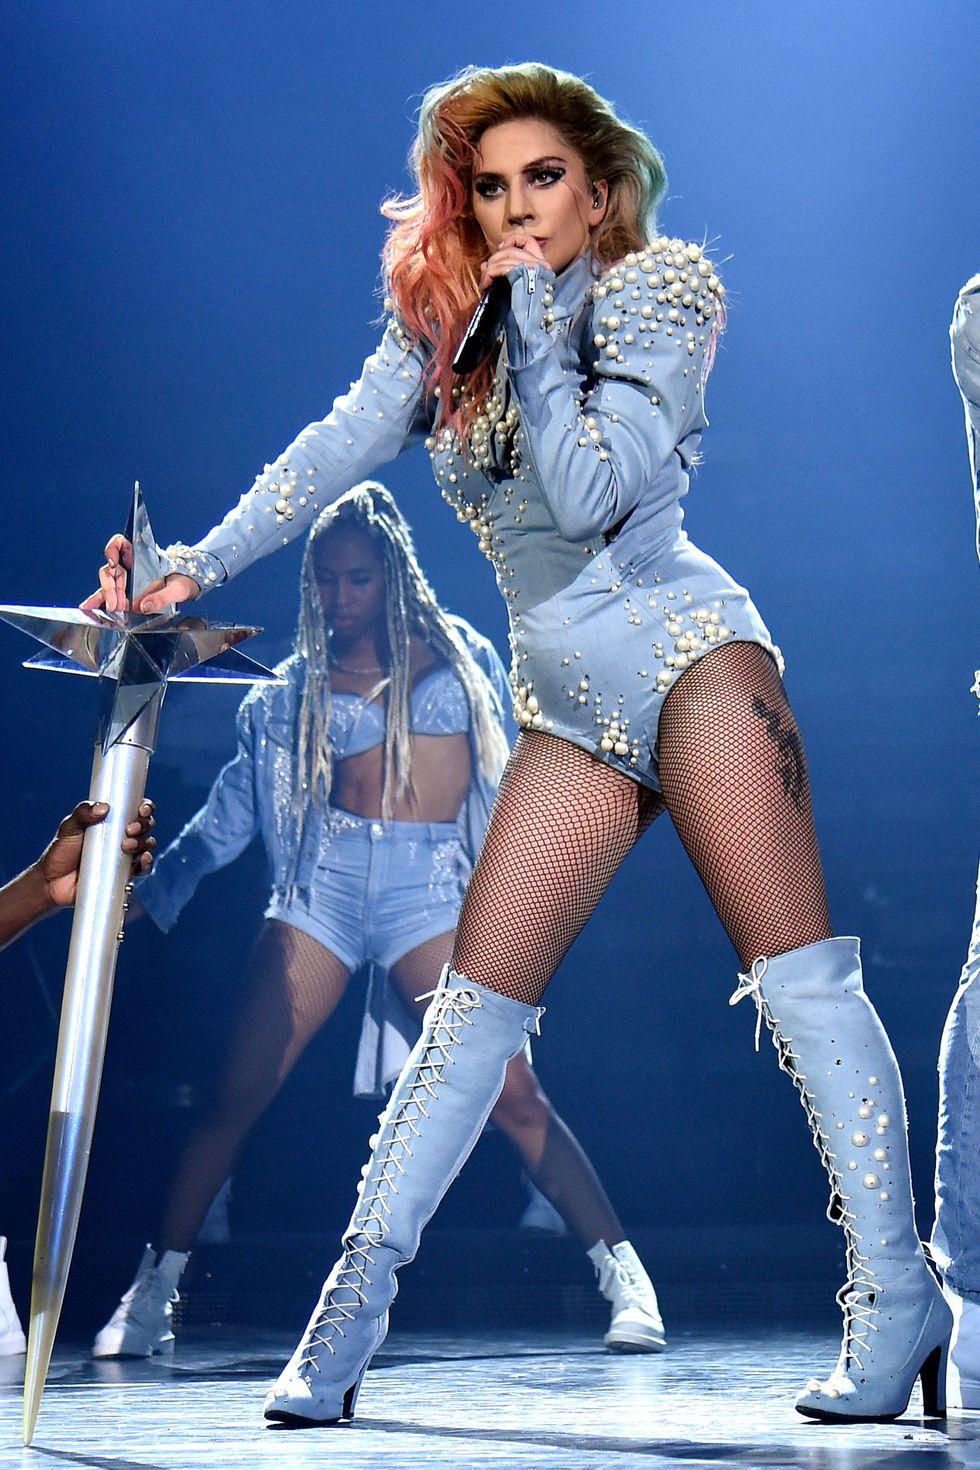 Lady Gaga World Tour 17'